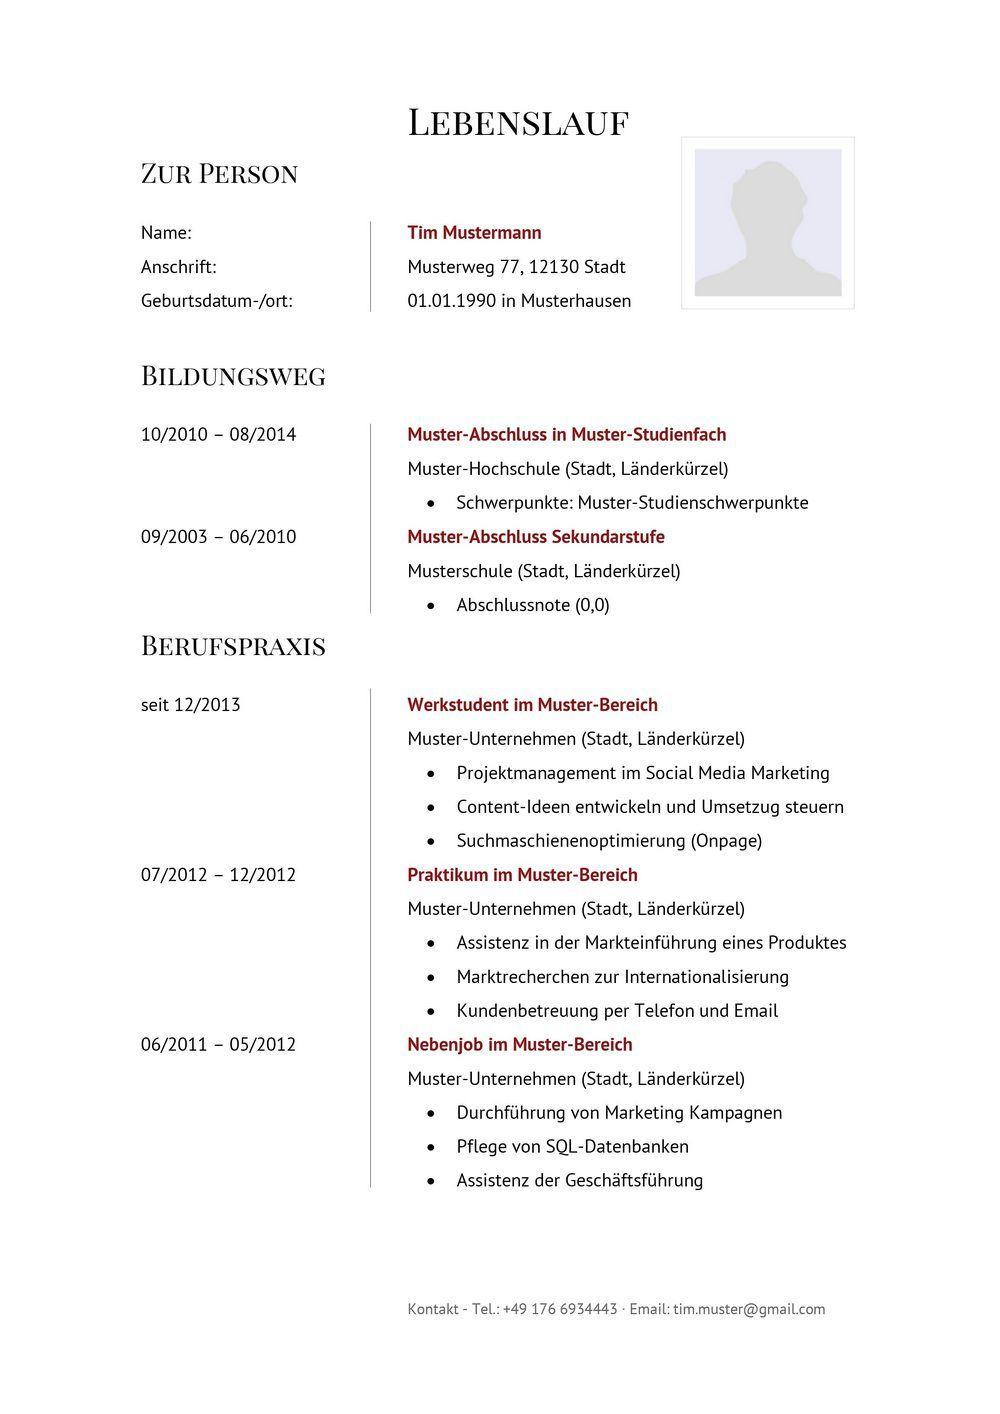 Lebenslauf Muster für Verkäufer | Lebenslauf Designs | Bewerbungen ...